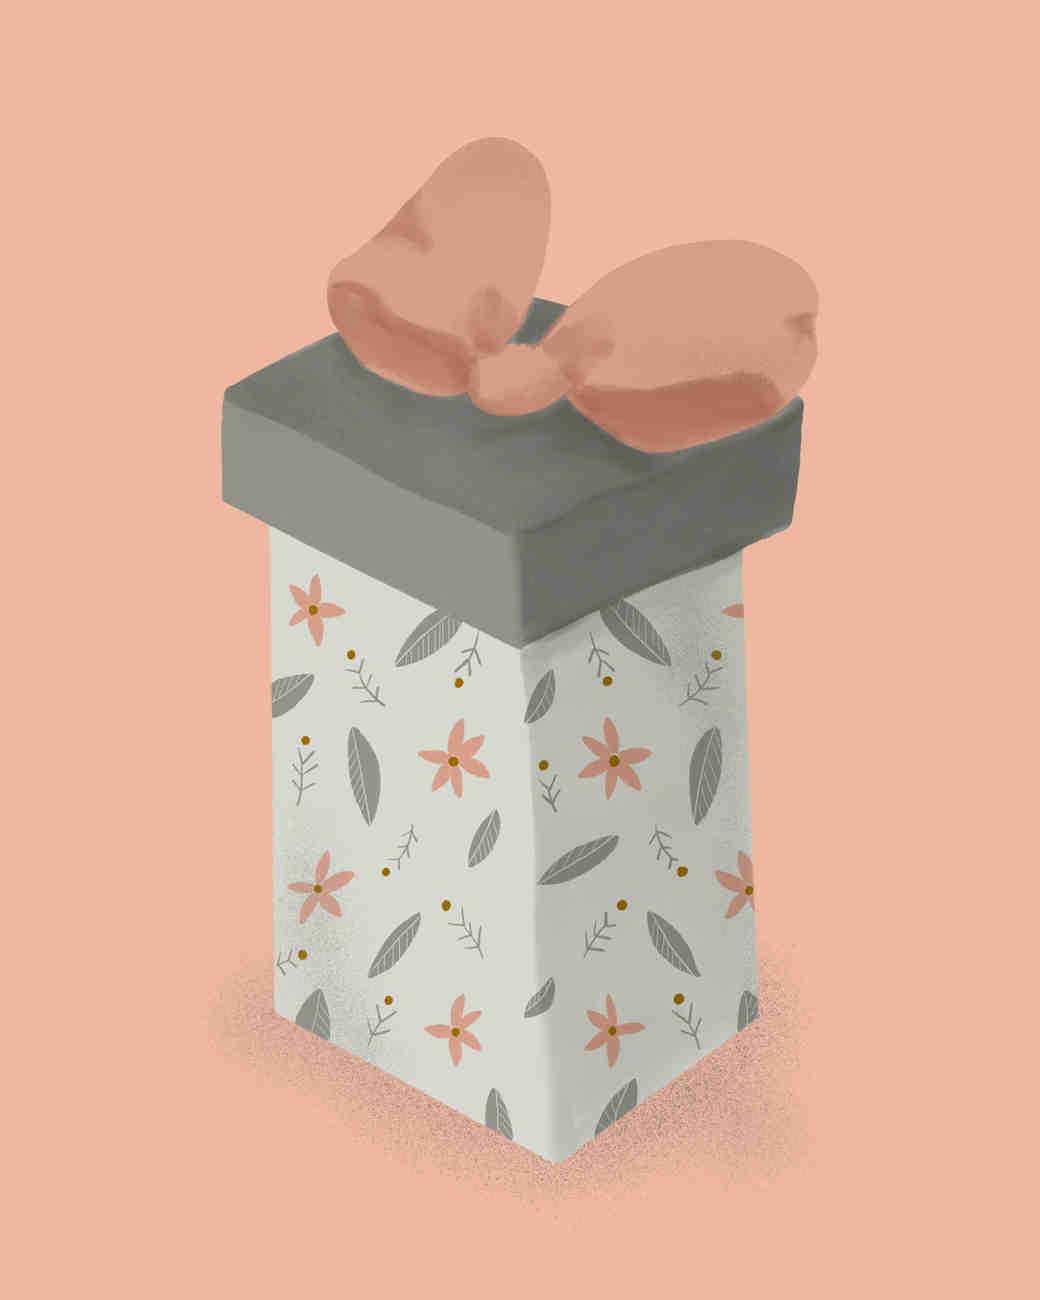 Flower Girl Gift Guide, Illustrated Gift Box